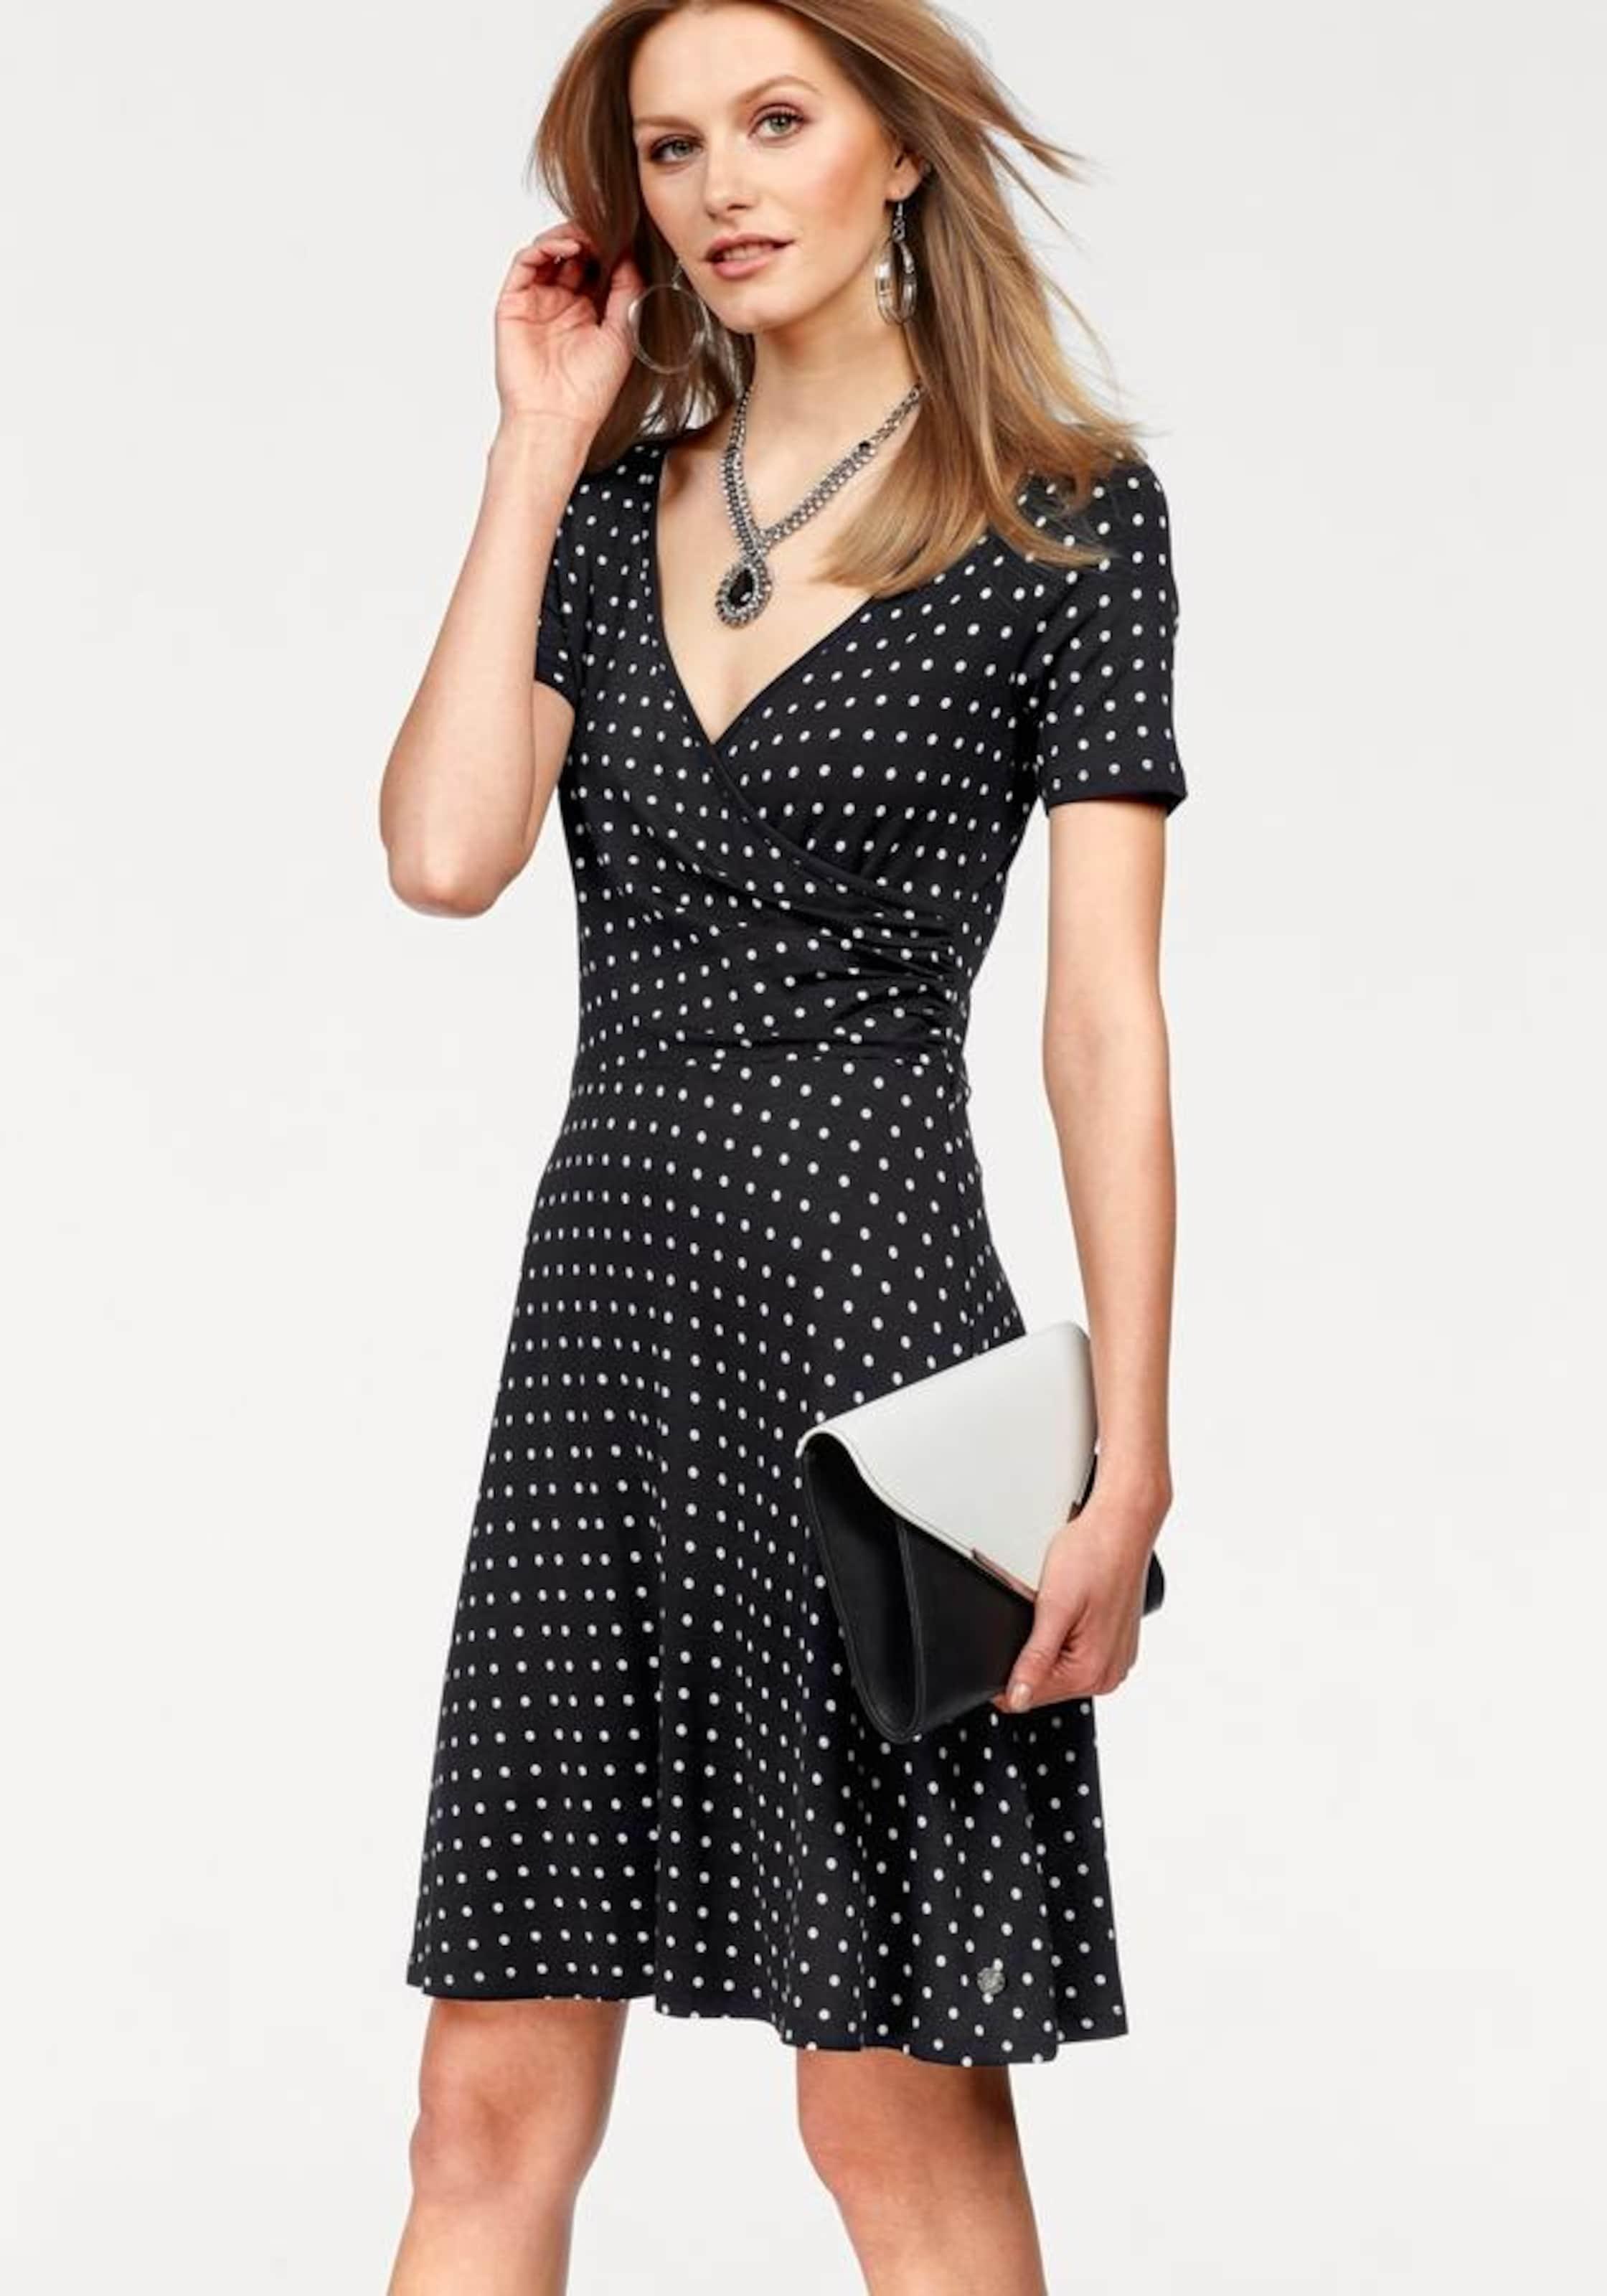 BRUNO BANANI A-Linien-Kleid Billig Sehr Billig Niedrige Versandgebühr Verkauf Online Billig Rabatt Authentisch Billig Erschwinglich Vorbestellung 4SSS1h